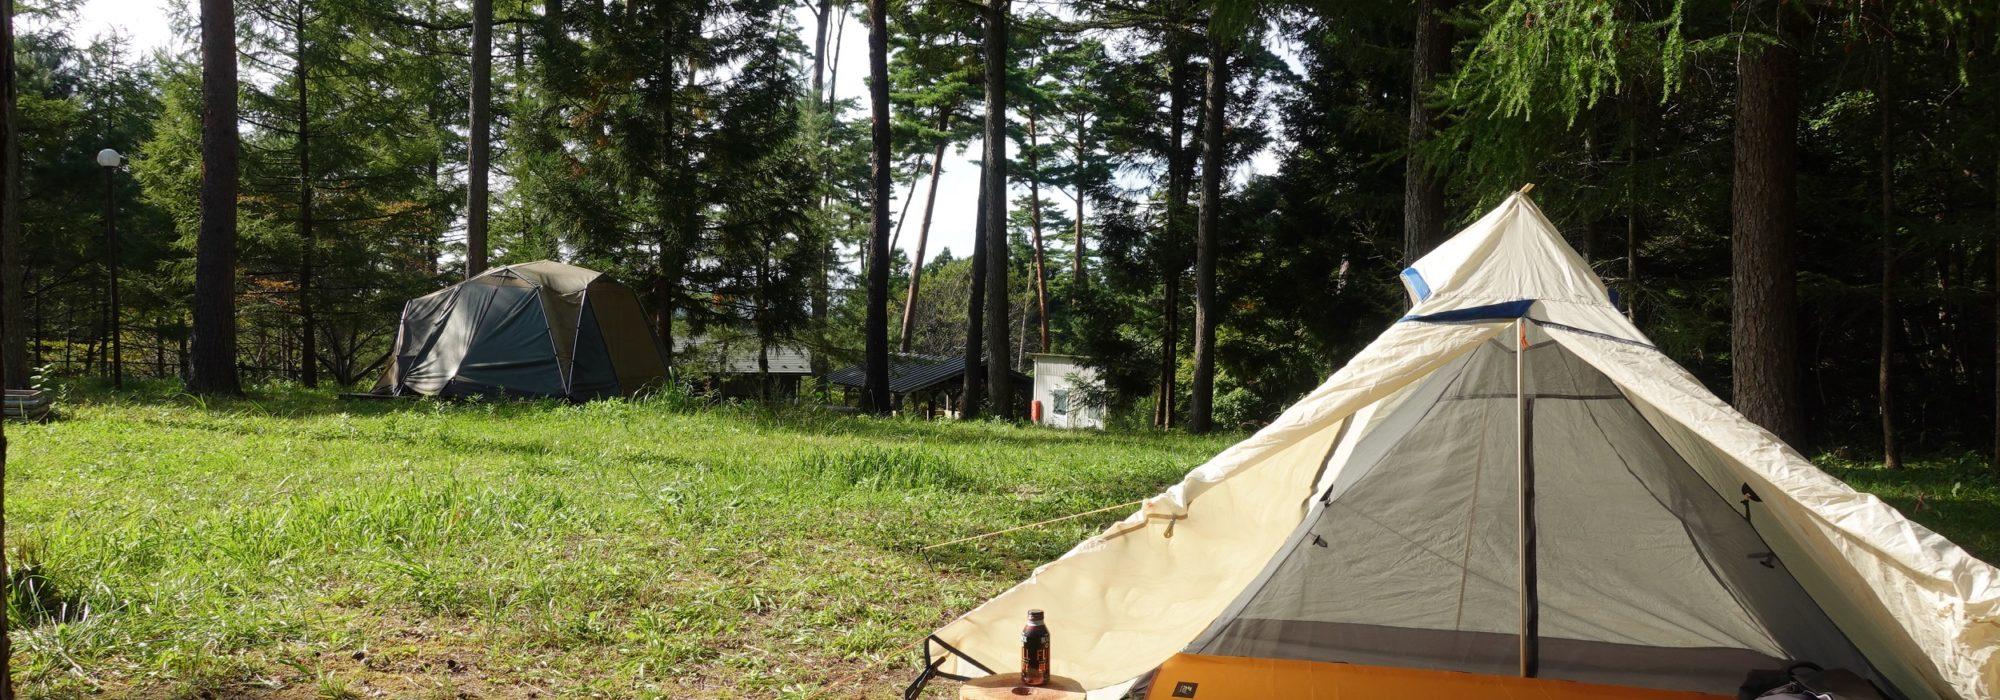 グリーンキャンプなかだ キャンプ キャンプ場